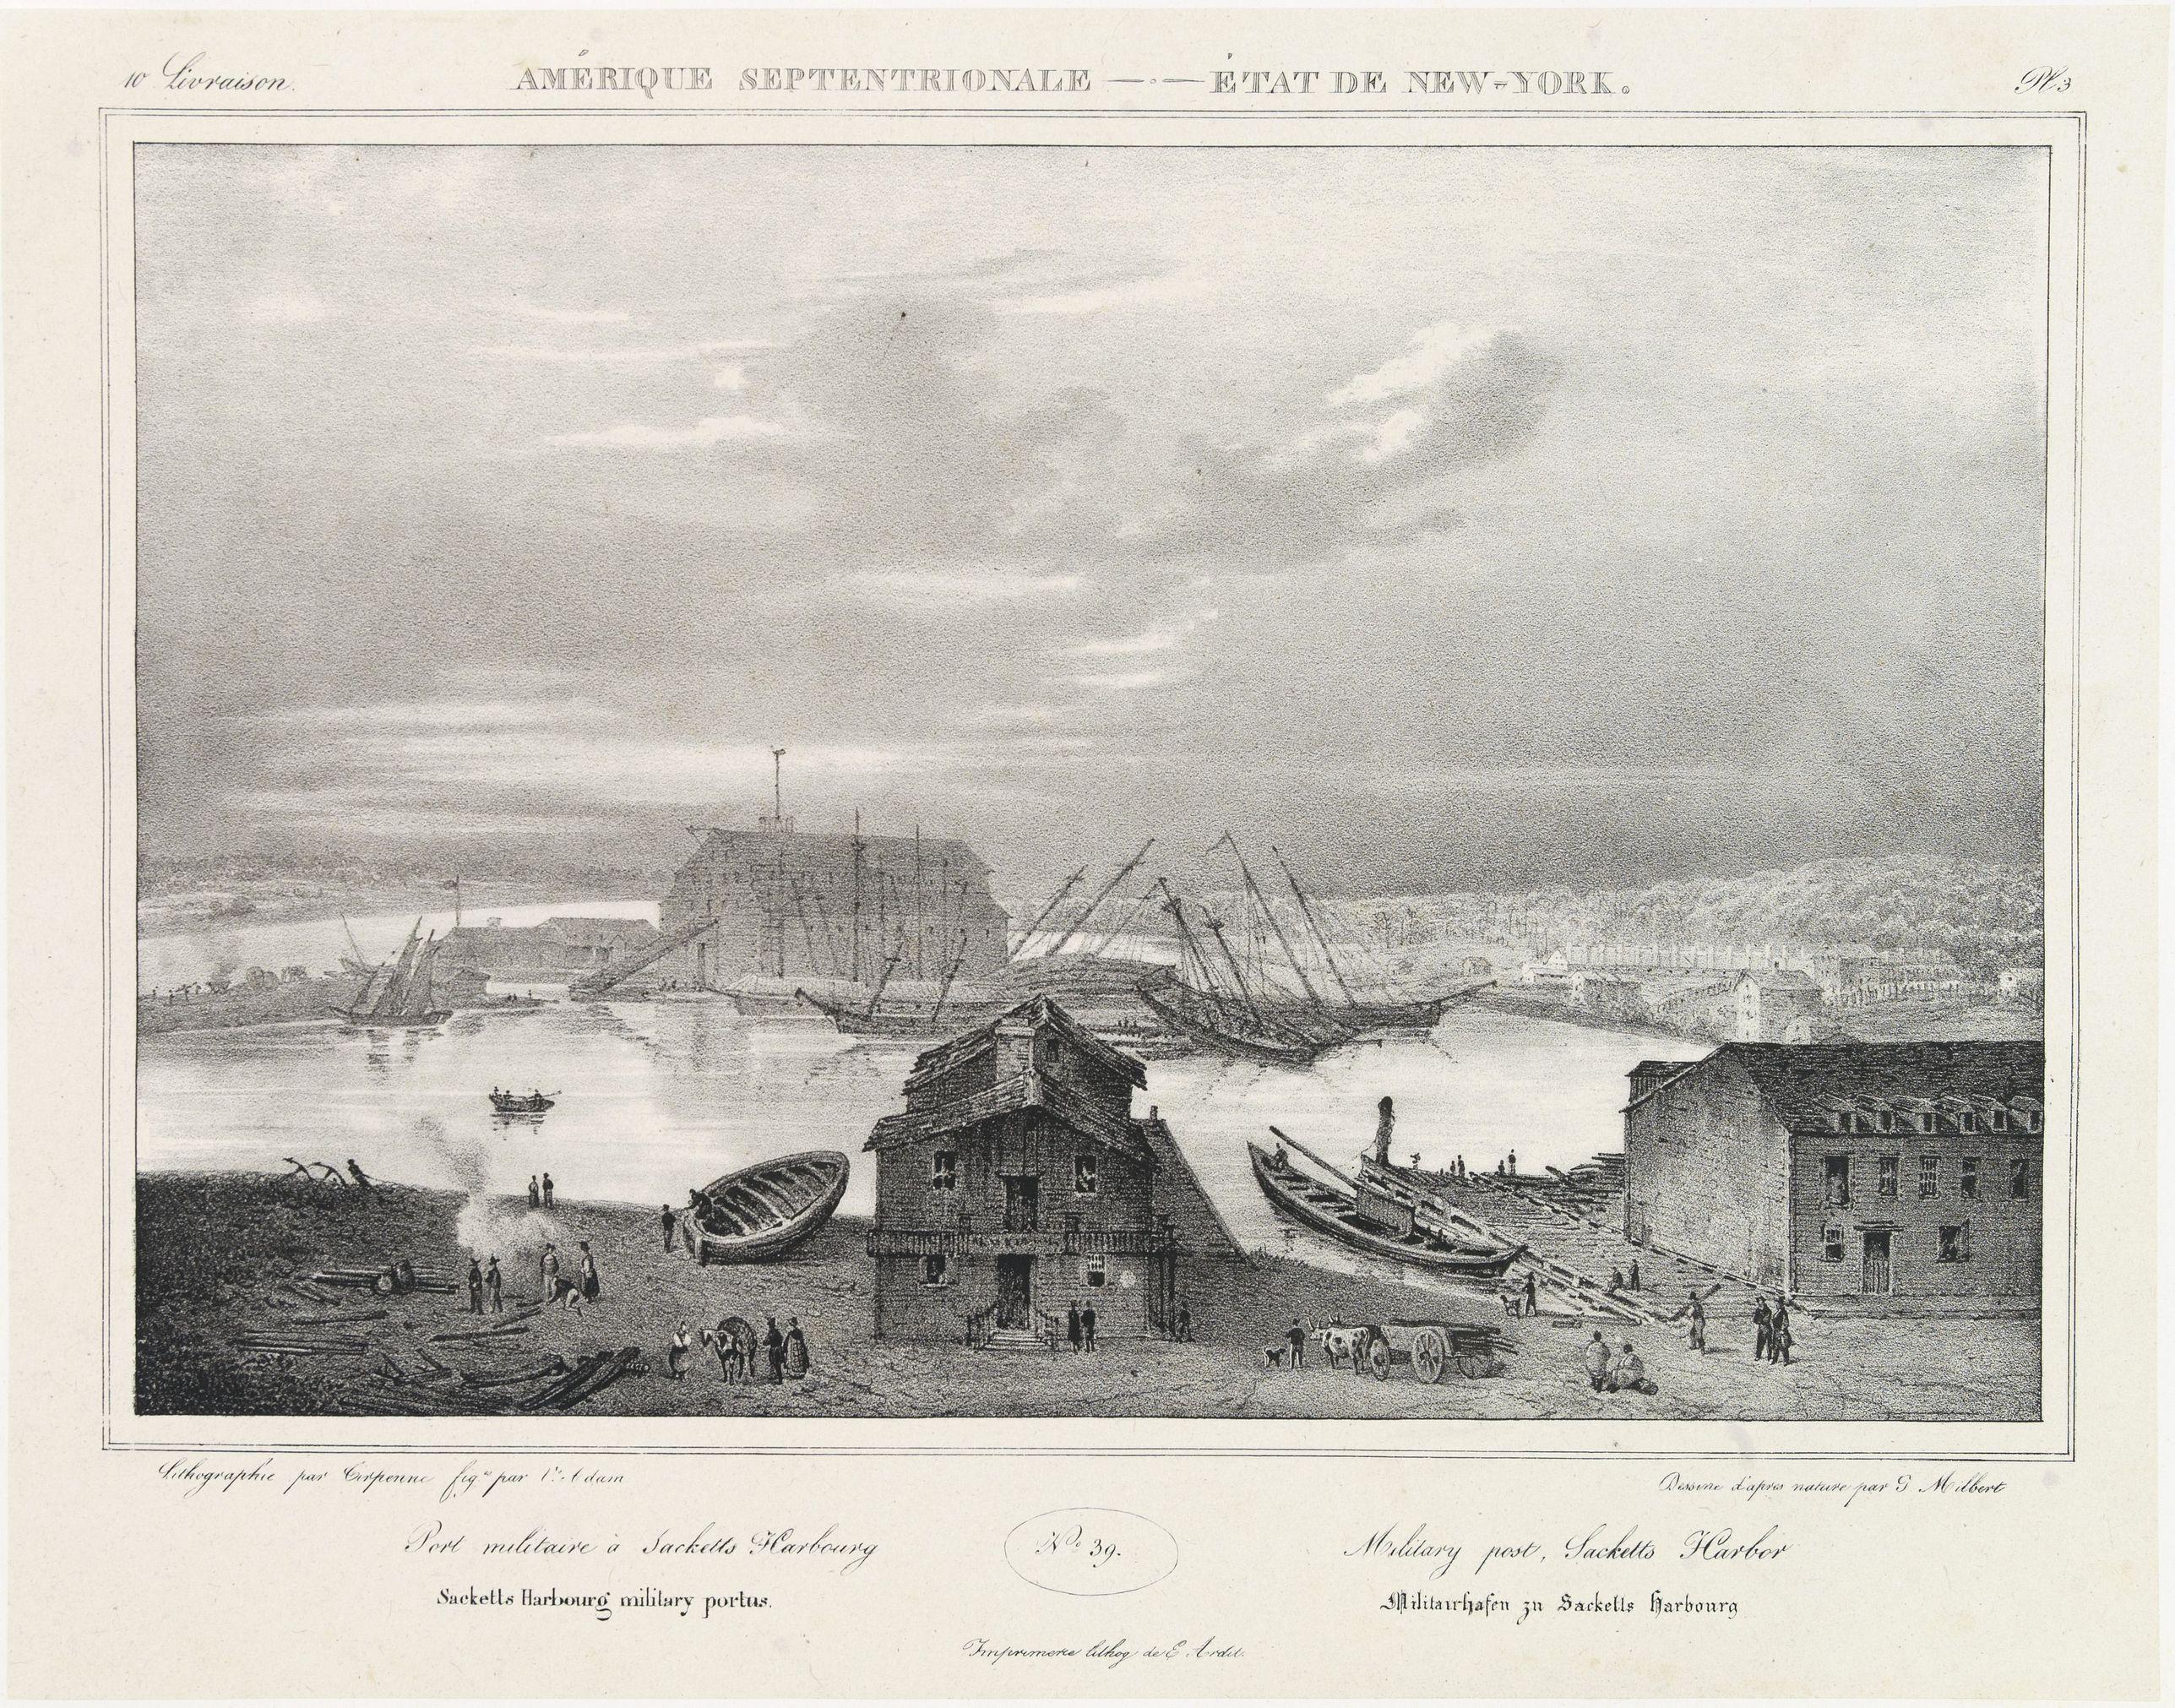 MILBERT, J. -  Military Post , Sacketts harbor.